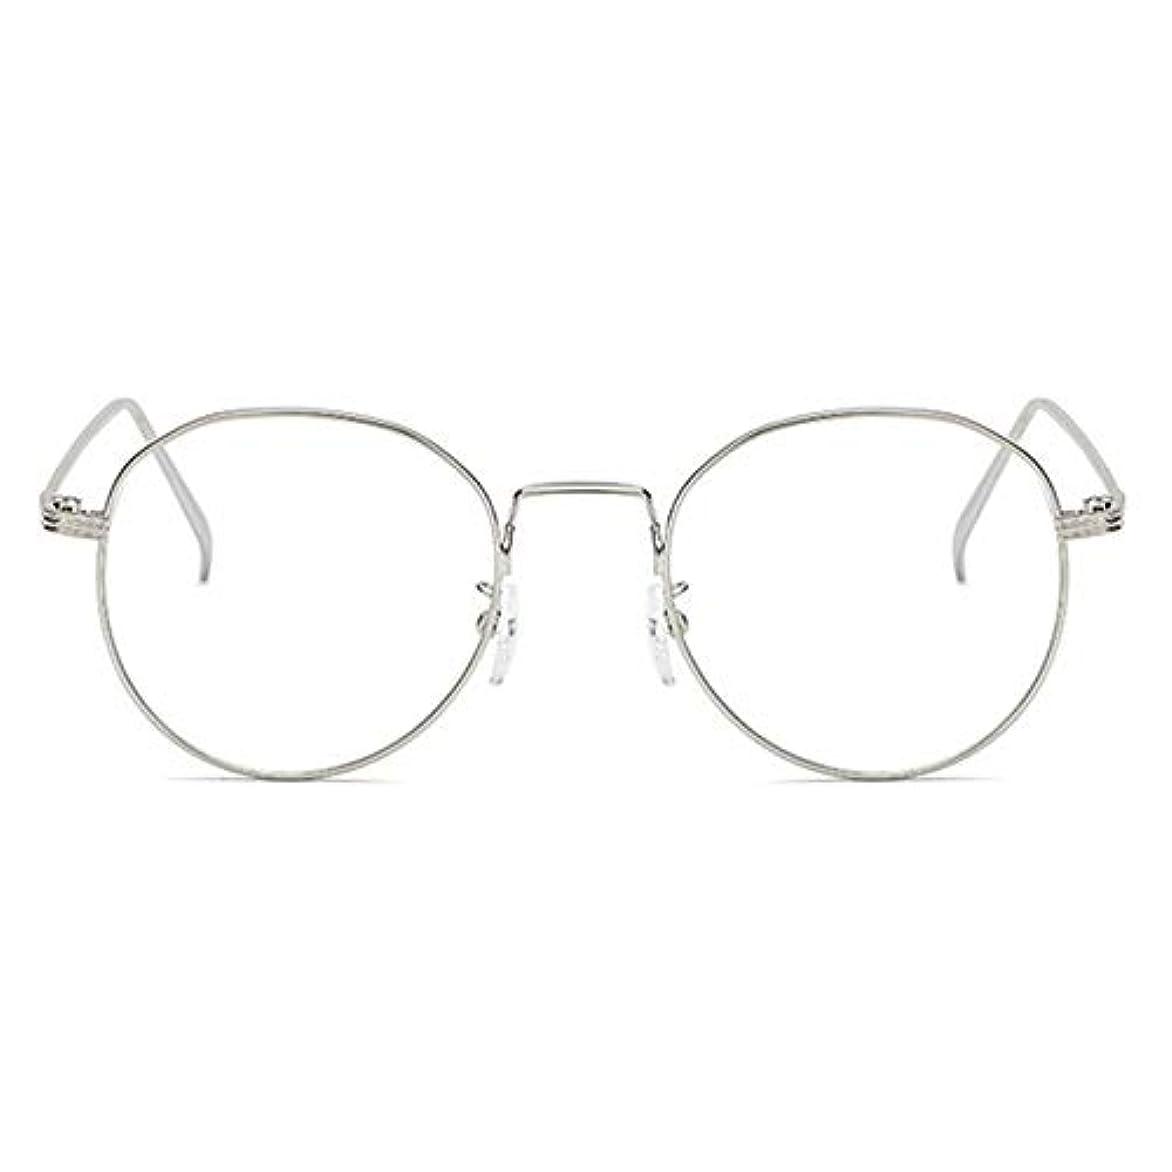 土地圧縮された突進丸型アンチブルーライト男性女性メガネ軽量金属フレームプレーンミラーレンズアイウェアメガネ-シルバー